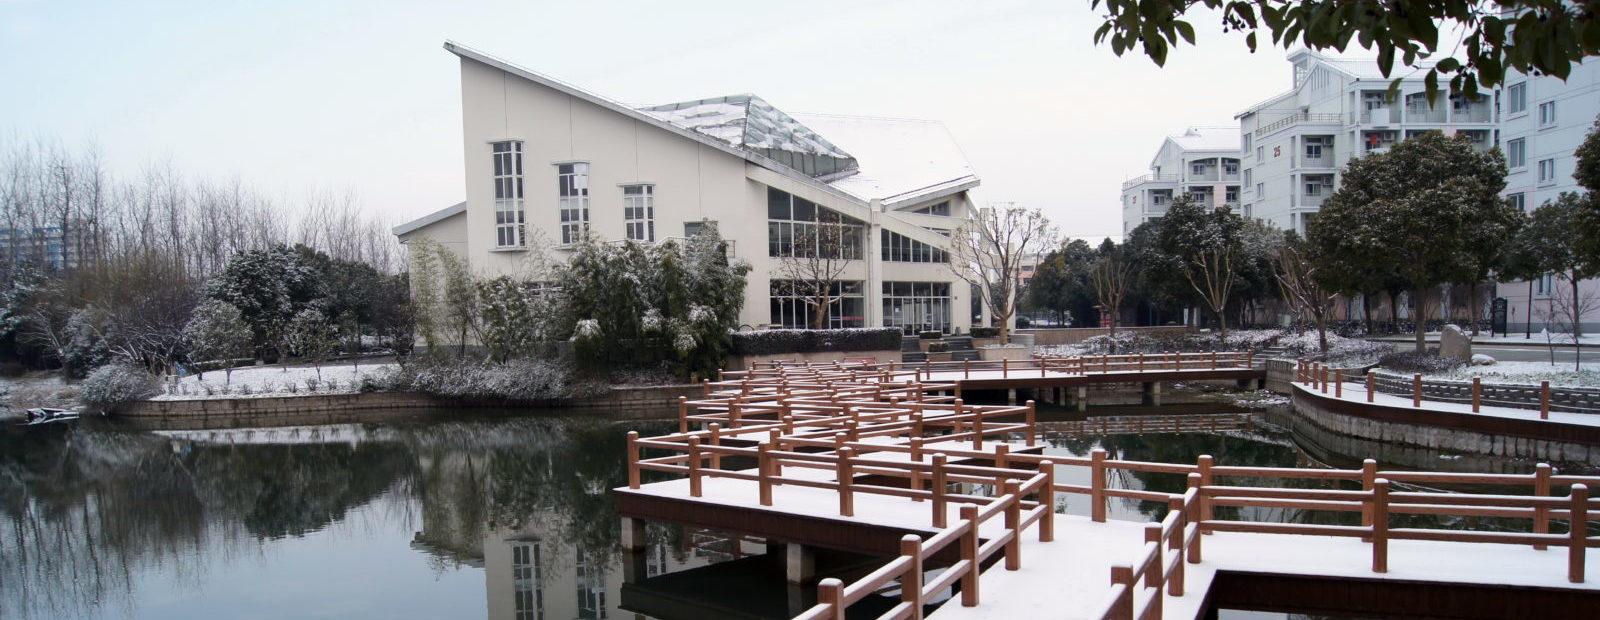 Шанхайский транспортный университет - центр стартапов и промышленных инноваций